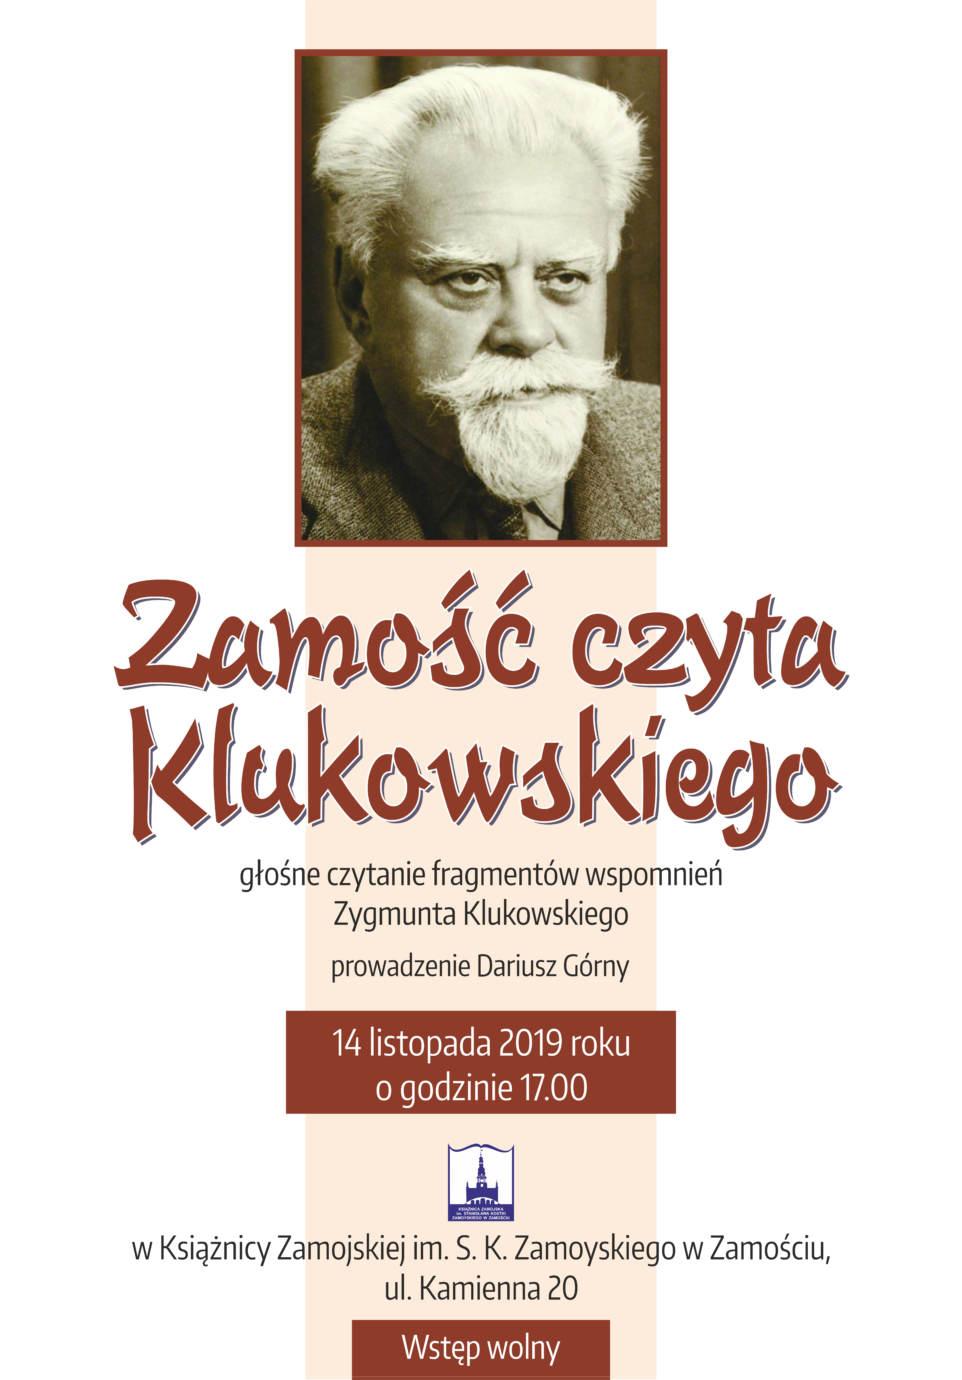 klukowski plakat Zamość czyta Klukowskiego